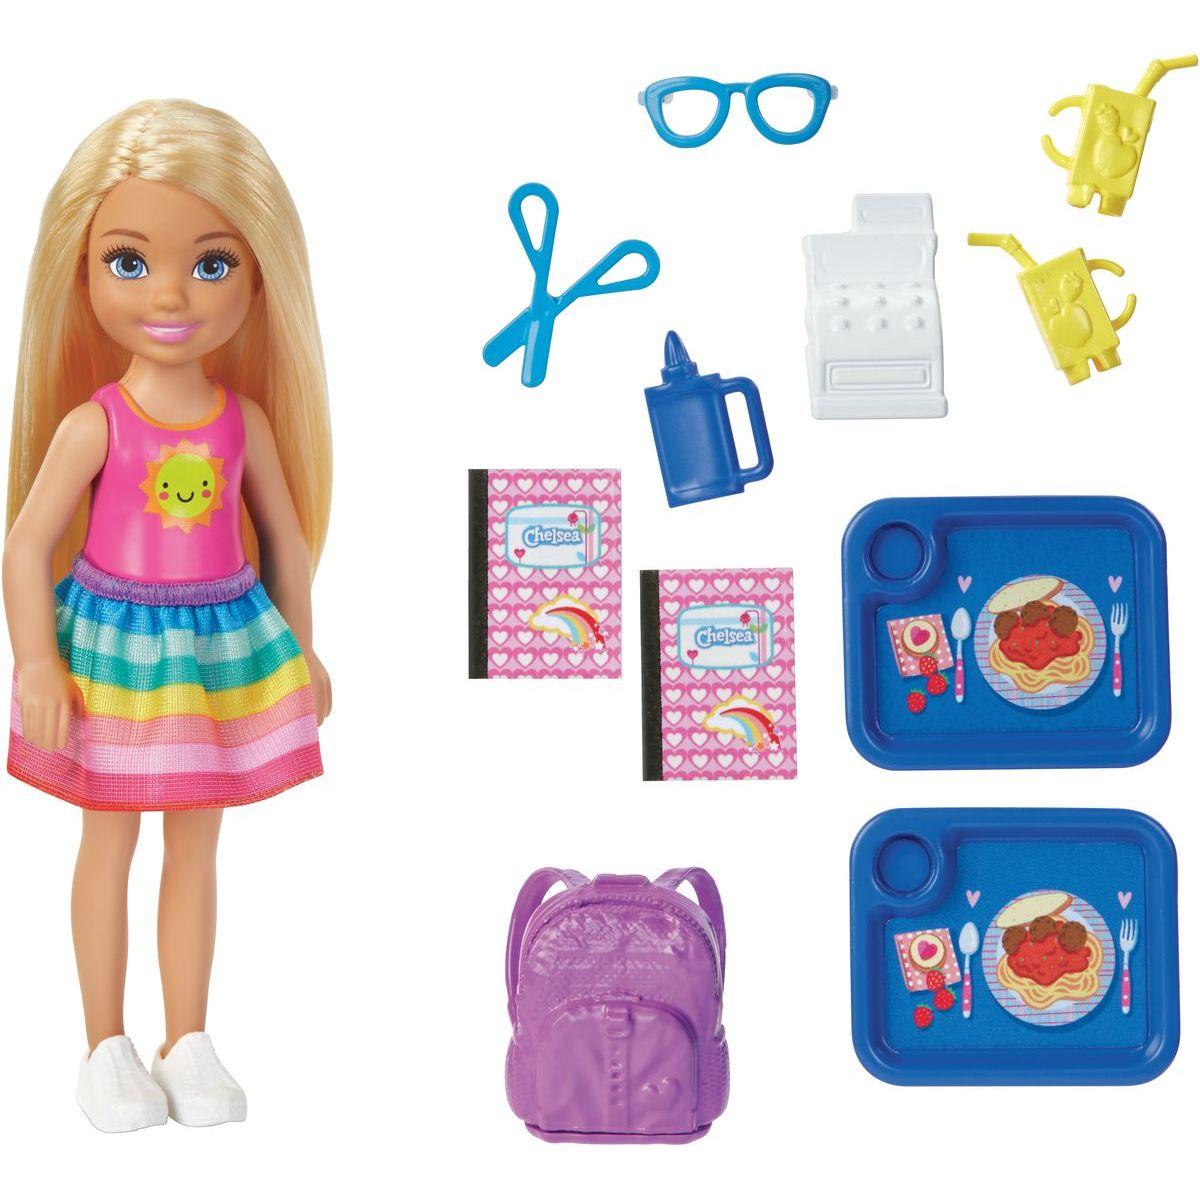 Levně Mattel Barbie Chelsea školička herní set